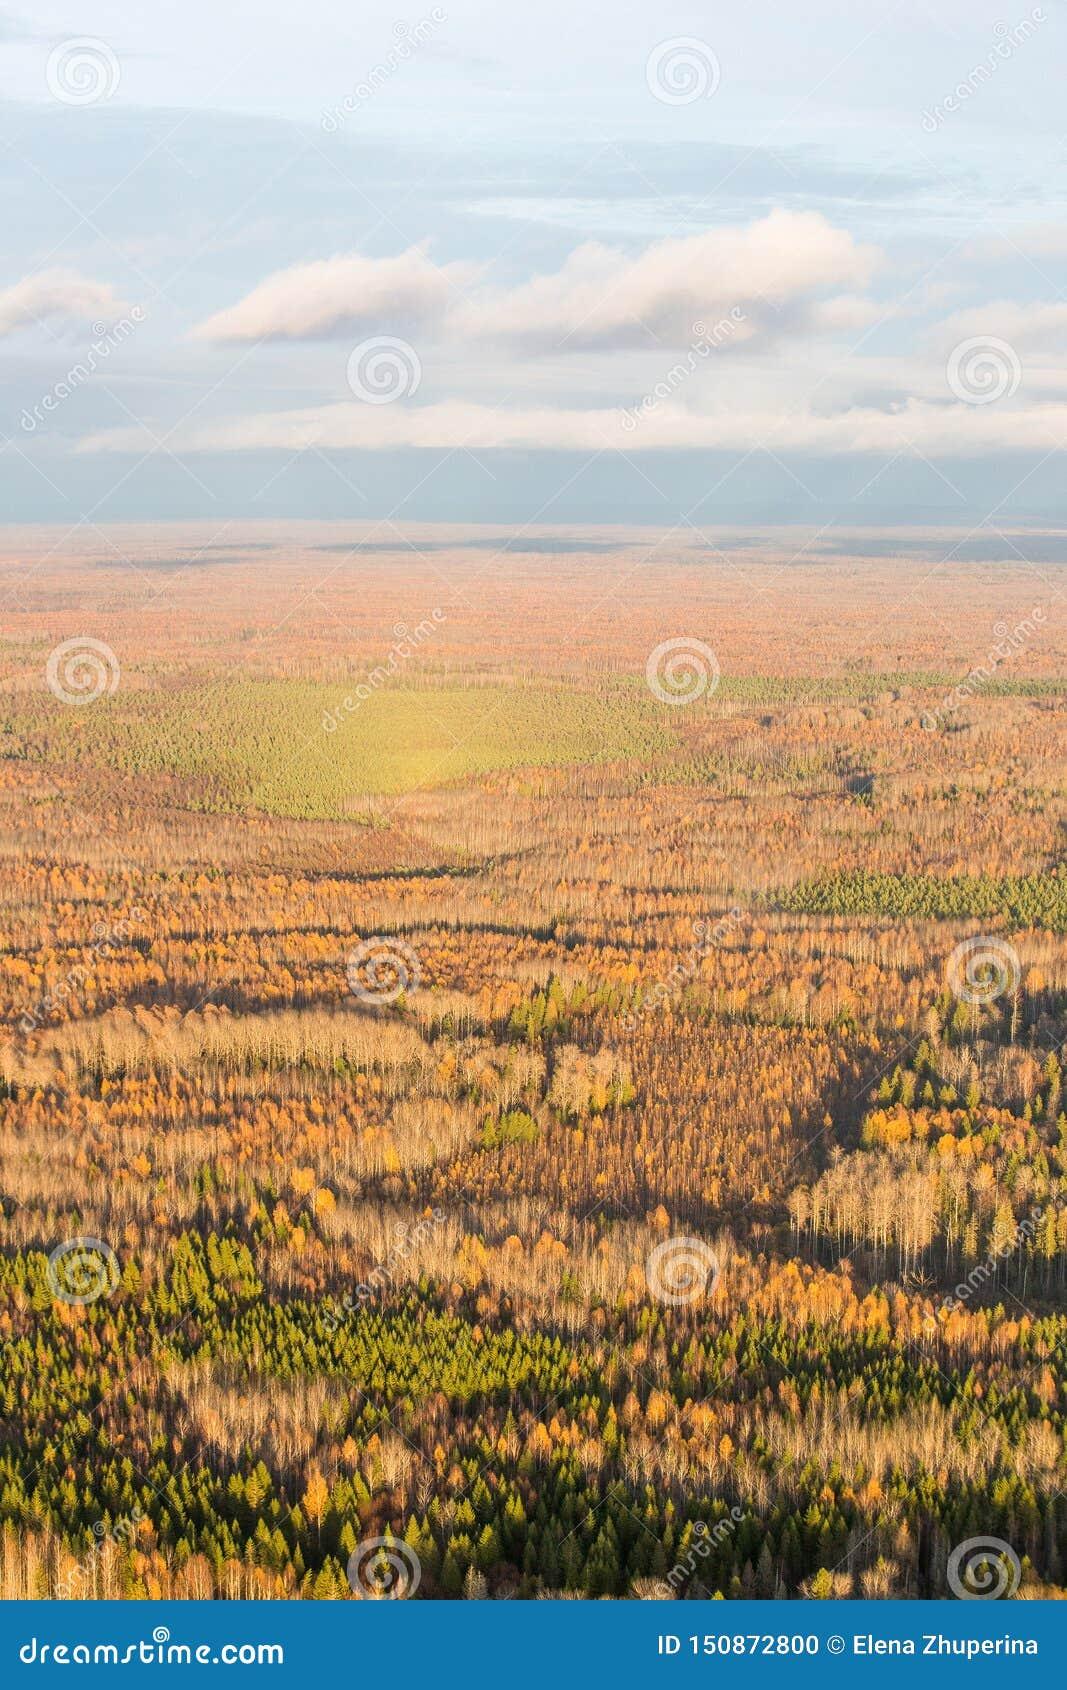 Ein kleiner See, geformt wie ein menschliches Auge, eingefaßt durch Bäume und Schilfe